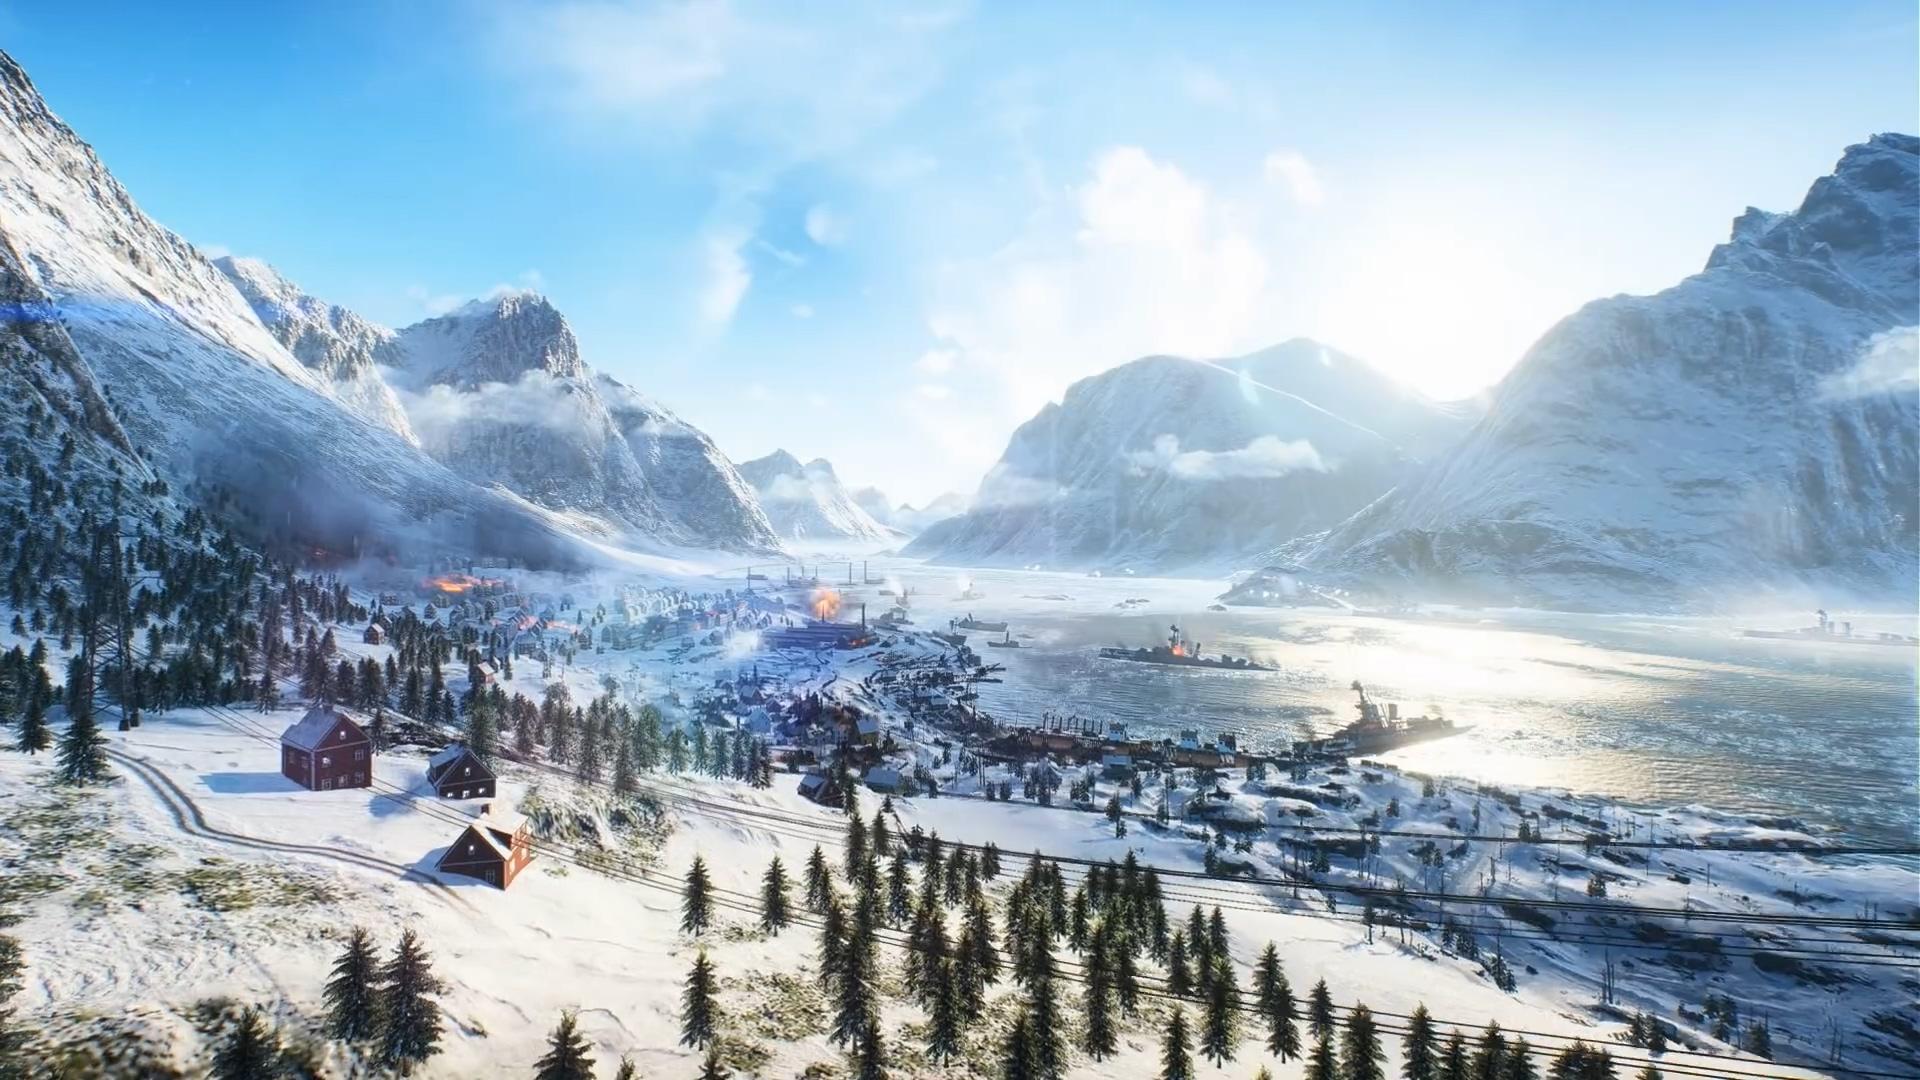 《战地5》新预告片 8张首发地图逐一展示